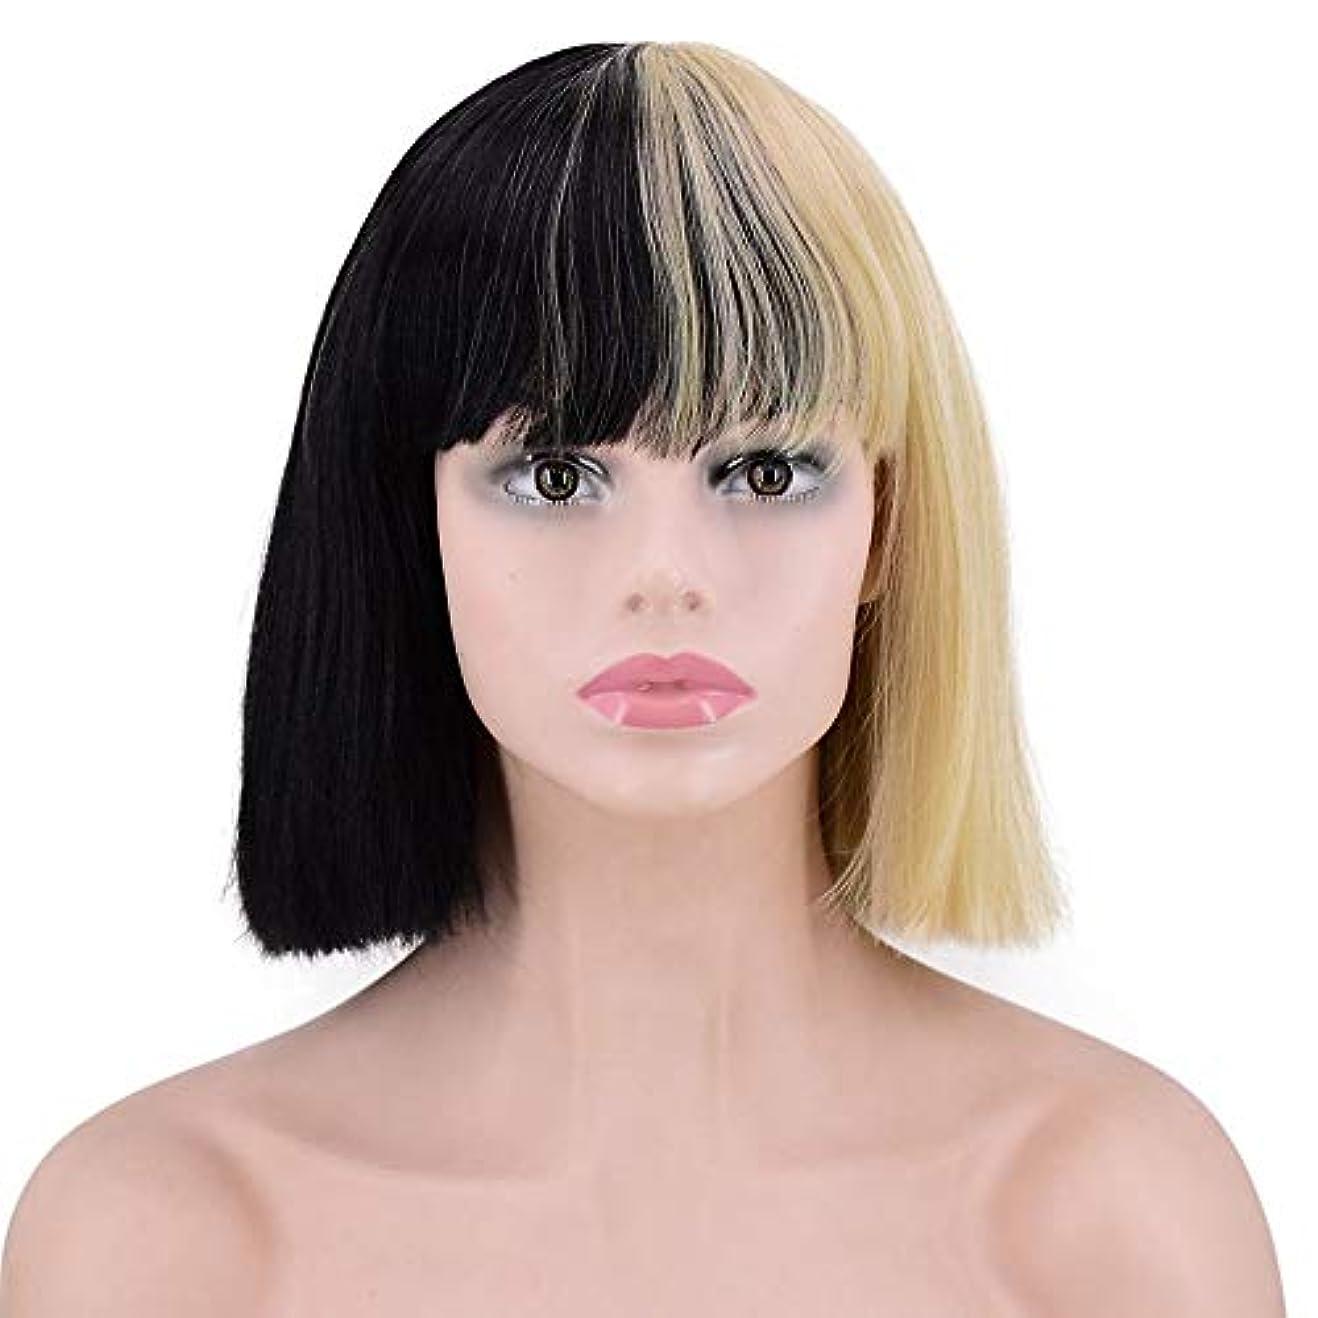 適度に法律により交響曲YOUQIU 女性の黒と白のふわふわショートストレート髪ボブ髪ほうき頭コスプレウィッグウィッグ (色 : Black/gold)